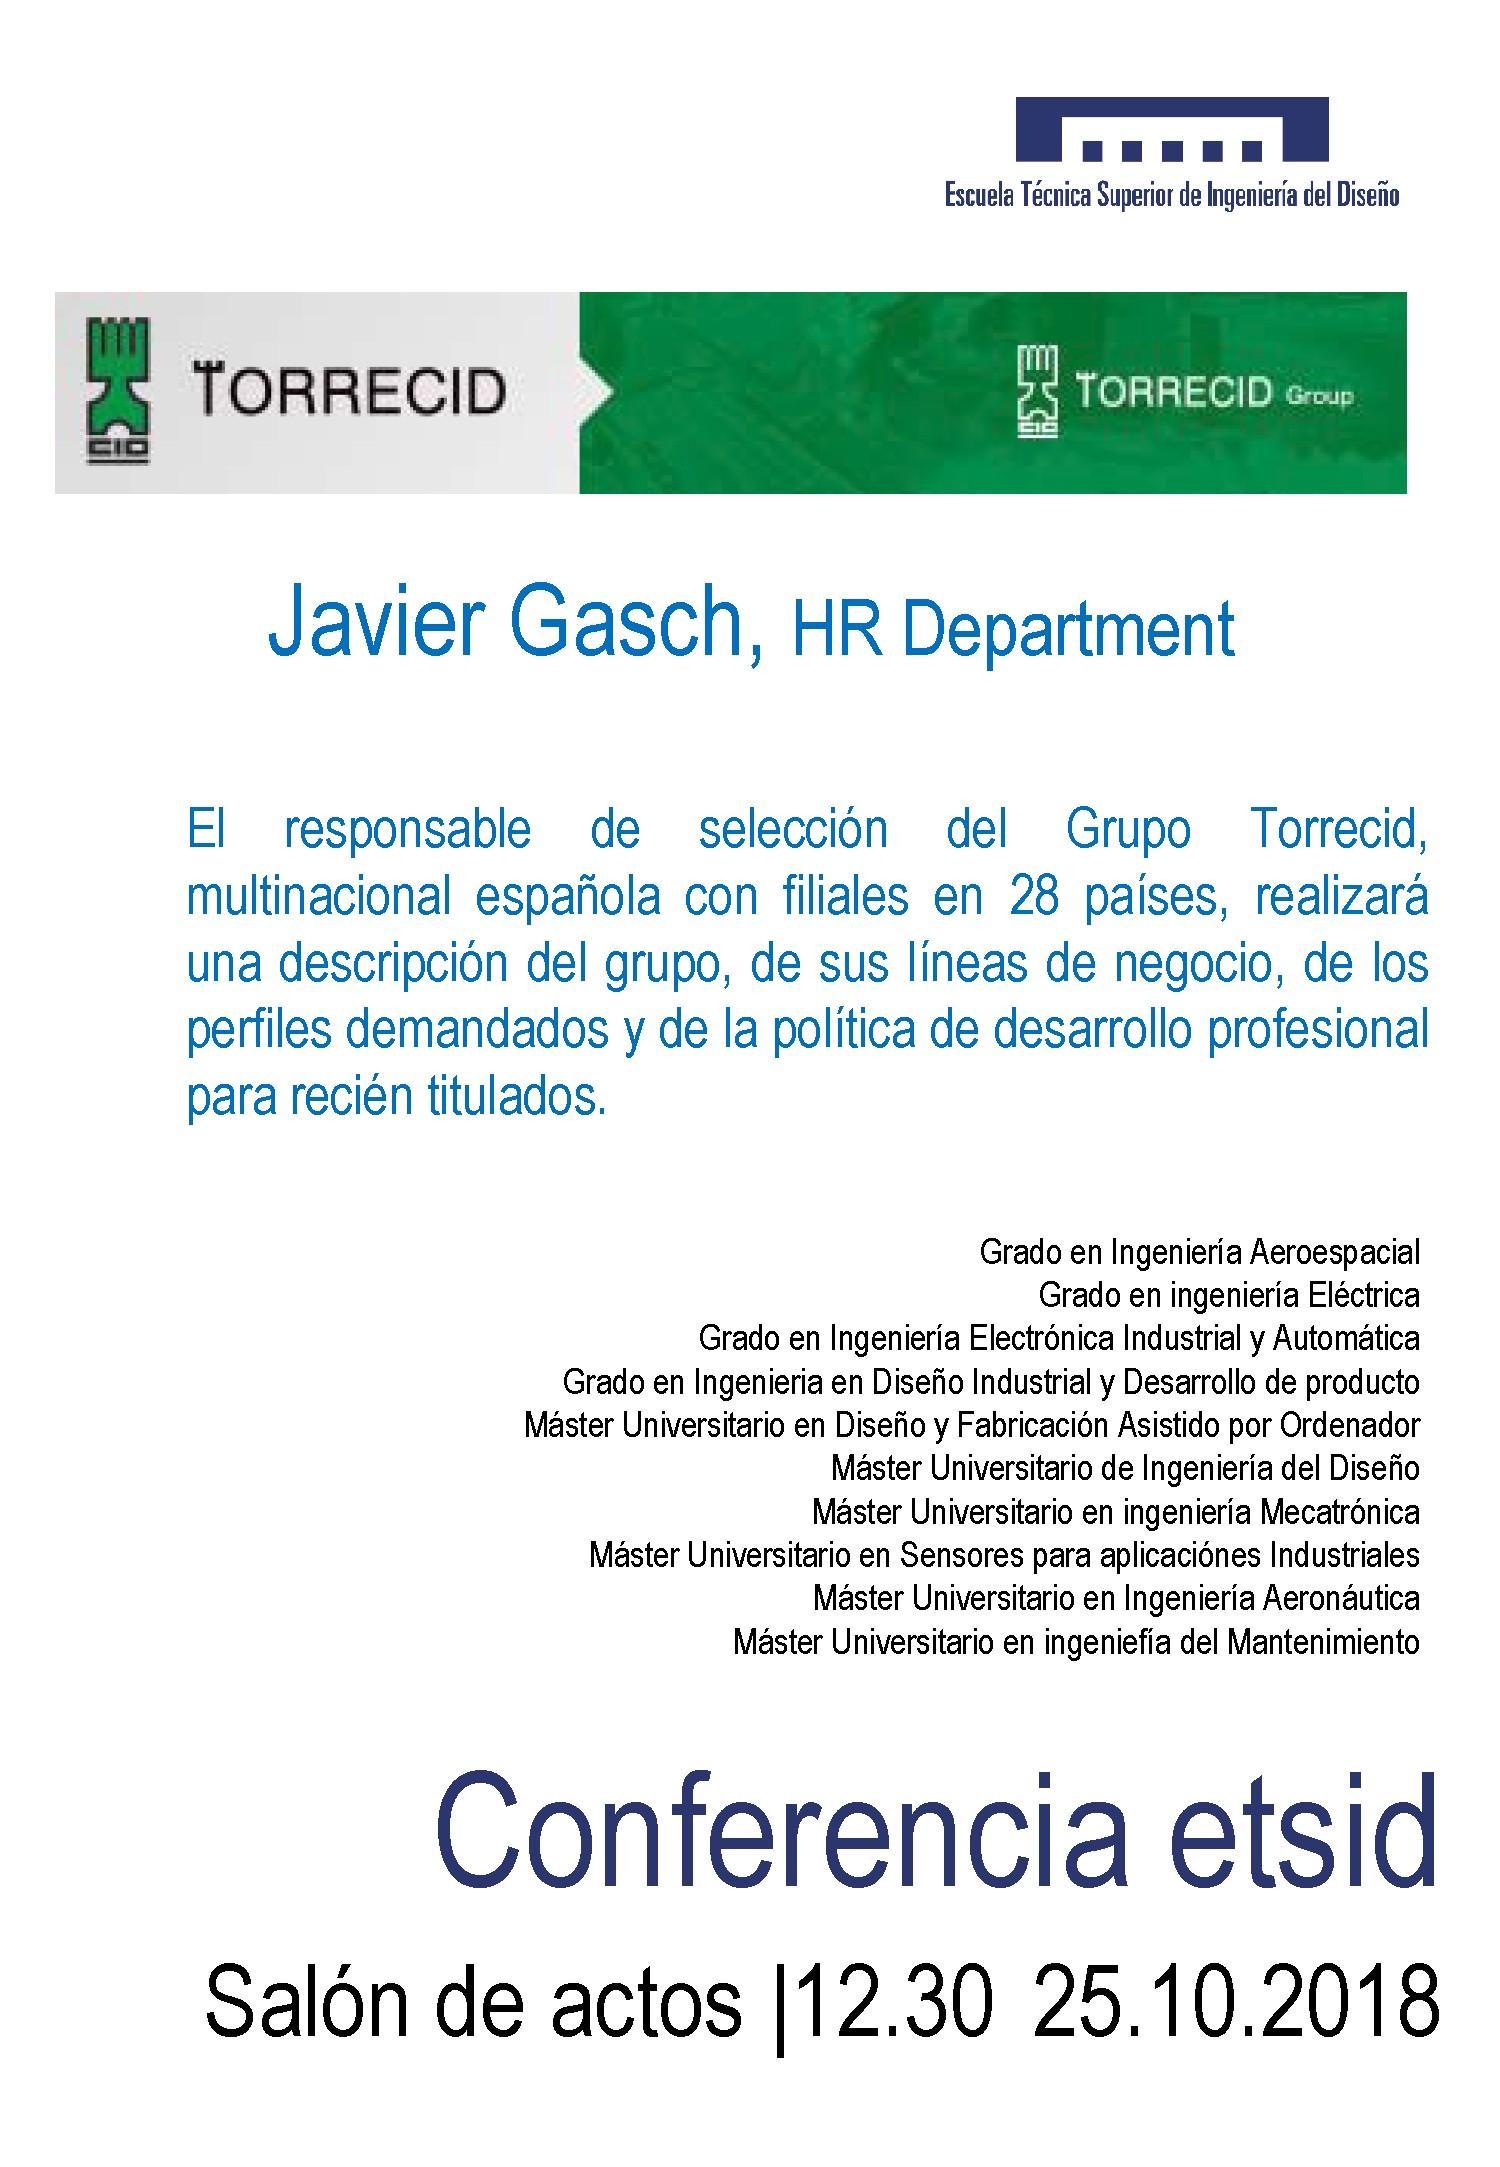 Calendario 2019 Laboral Alicante Más Populares Etsid Of Calendario 2019 Laboral Alicante Más Recientes Carteles